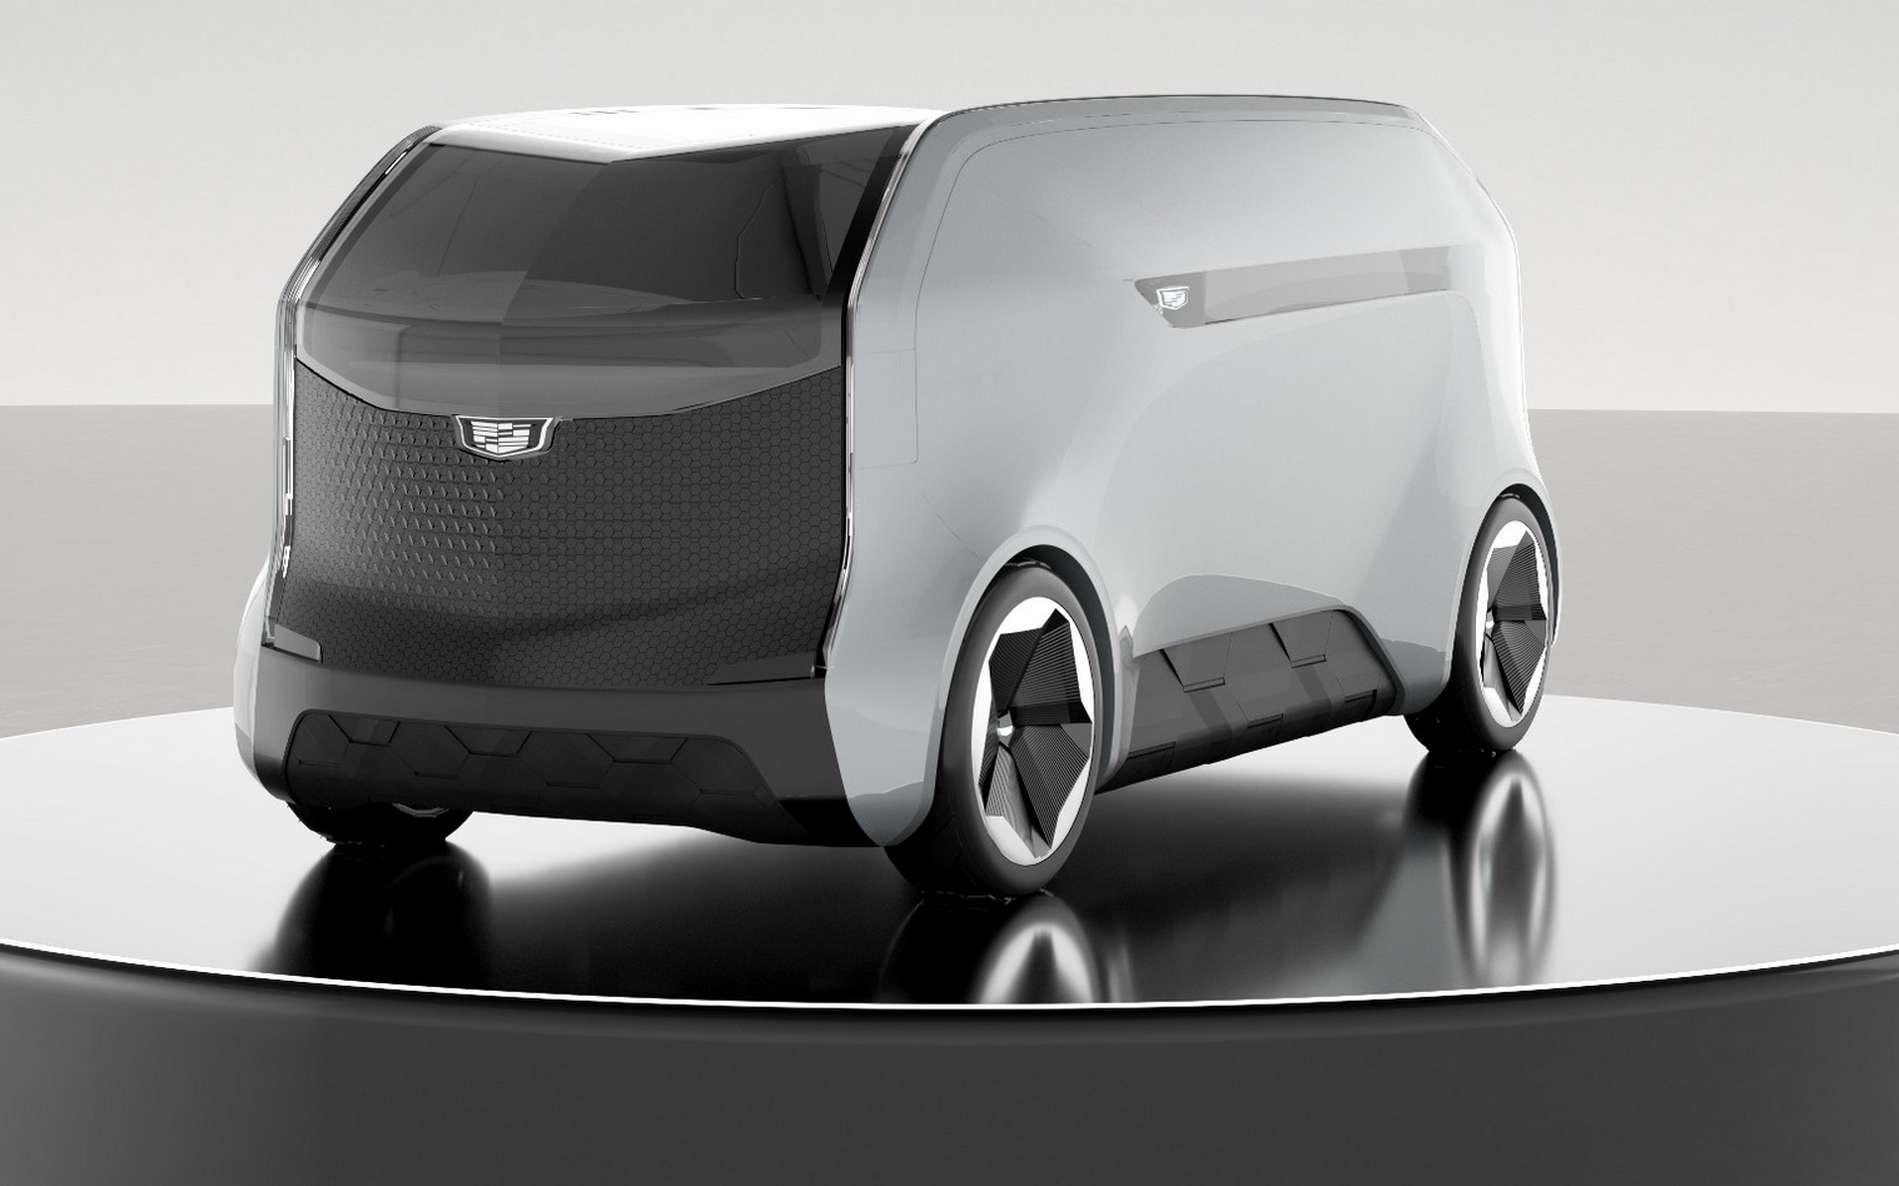 La voiture autonome électrique Cadillac Halo. © General Motors